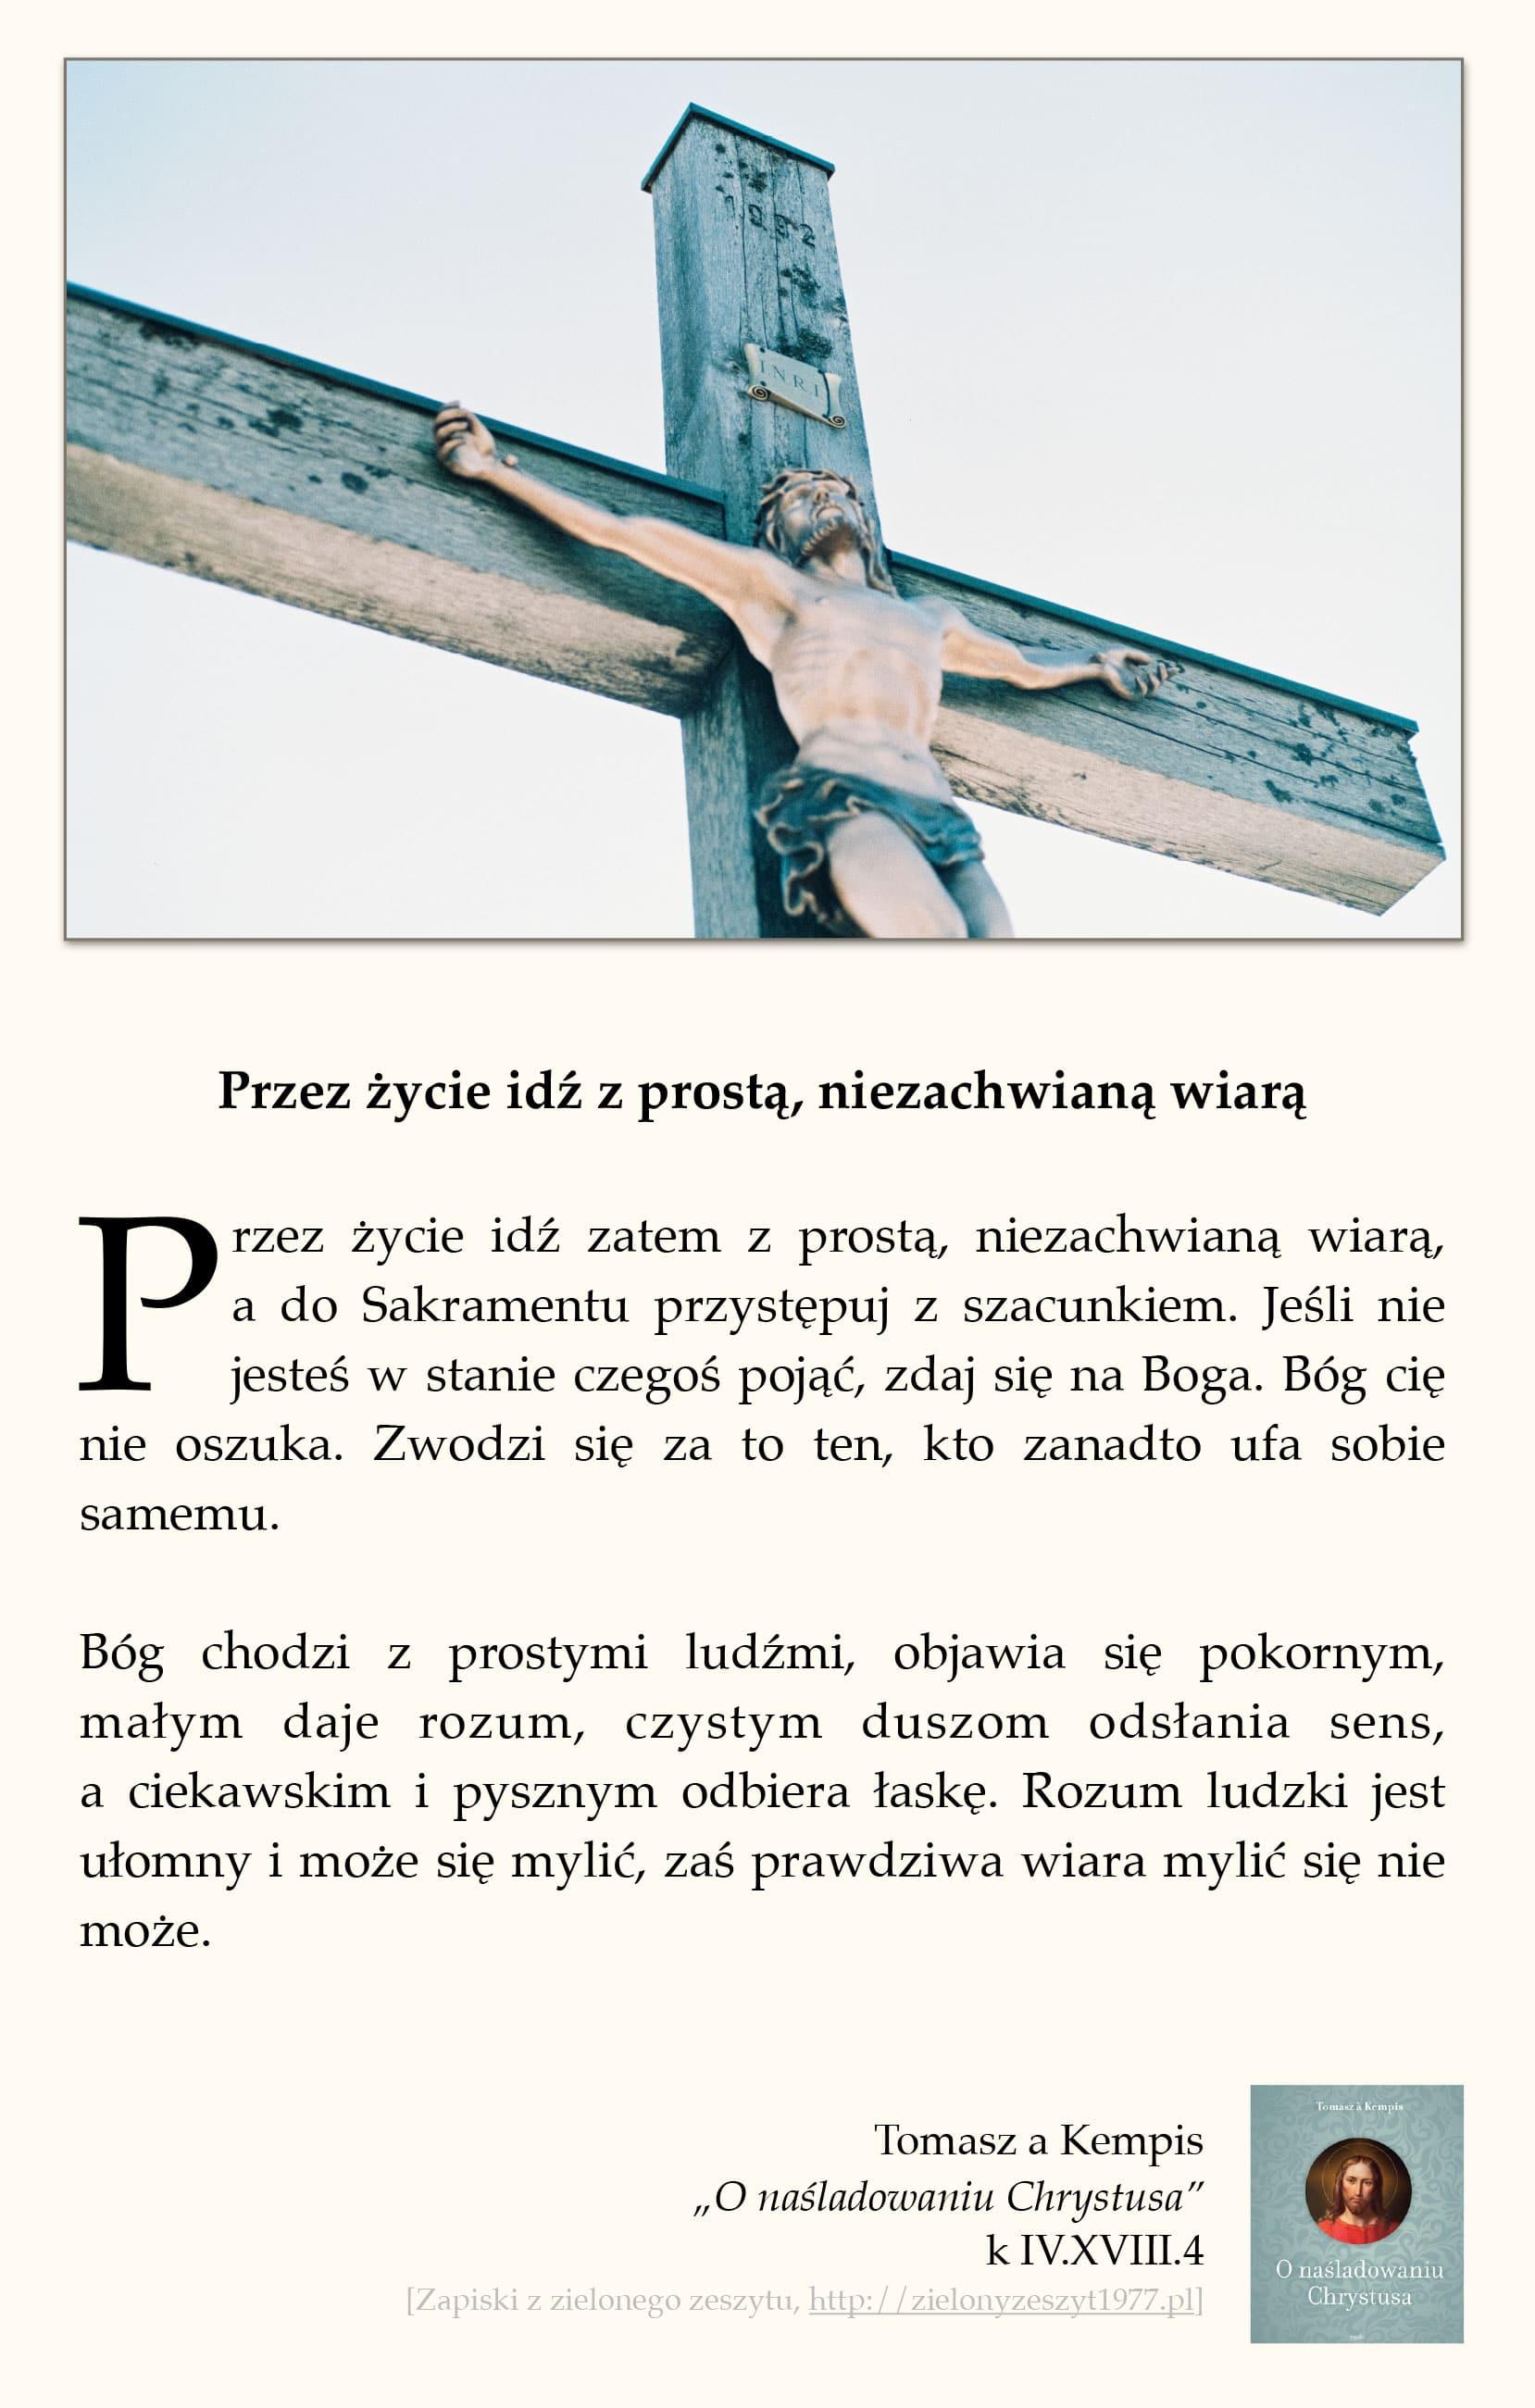 """Tomasz a Kempis, """"O naśladowaniu Chrystusa"""", k IV.XVIII.4 (Przez życie idź z prostą, niezachwianą wiarą)"""